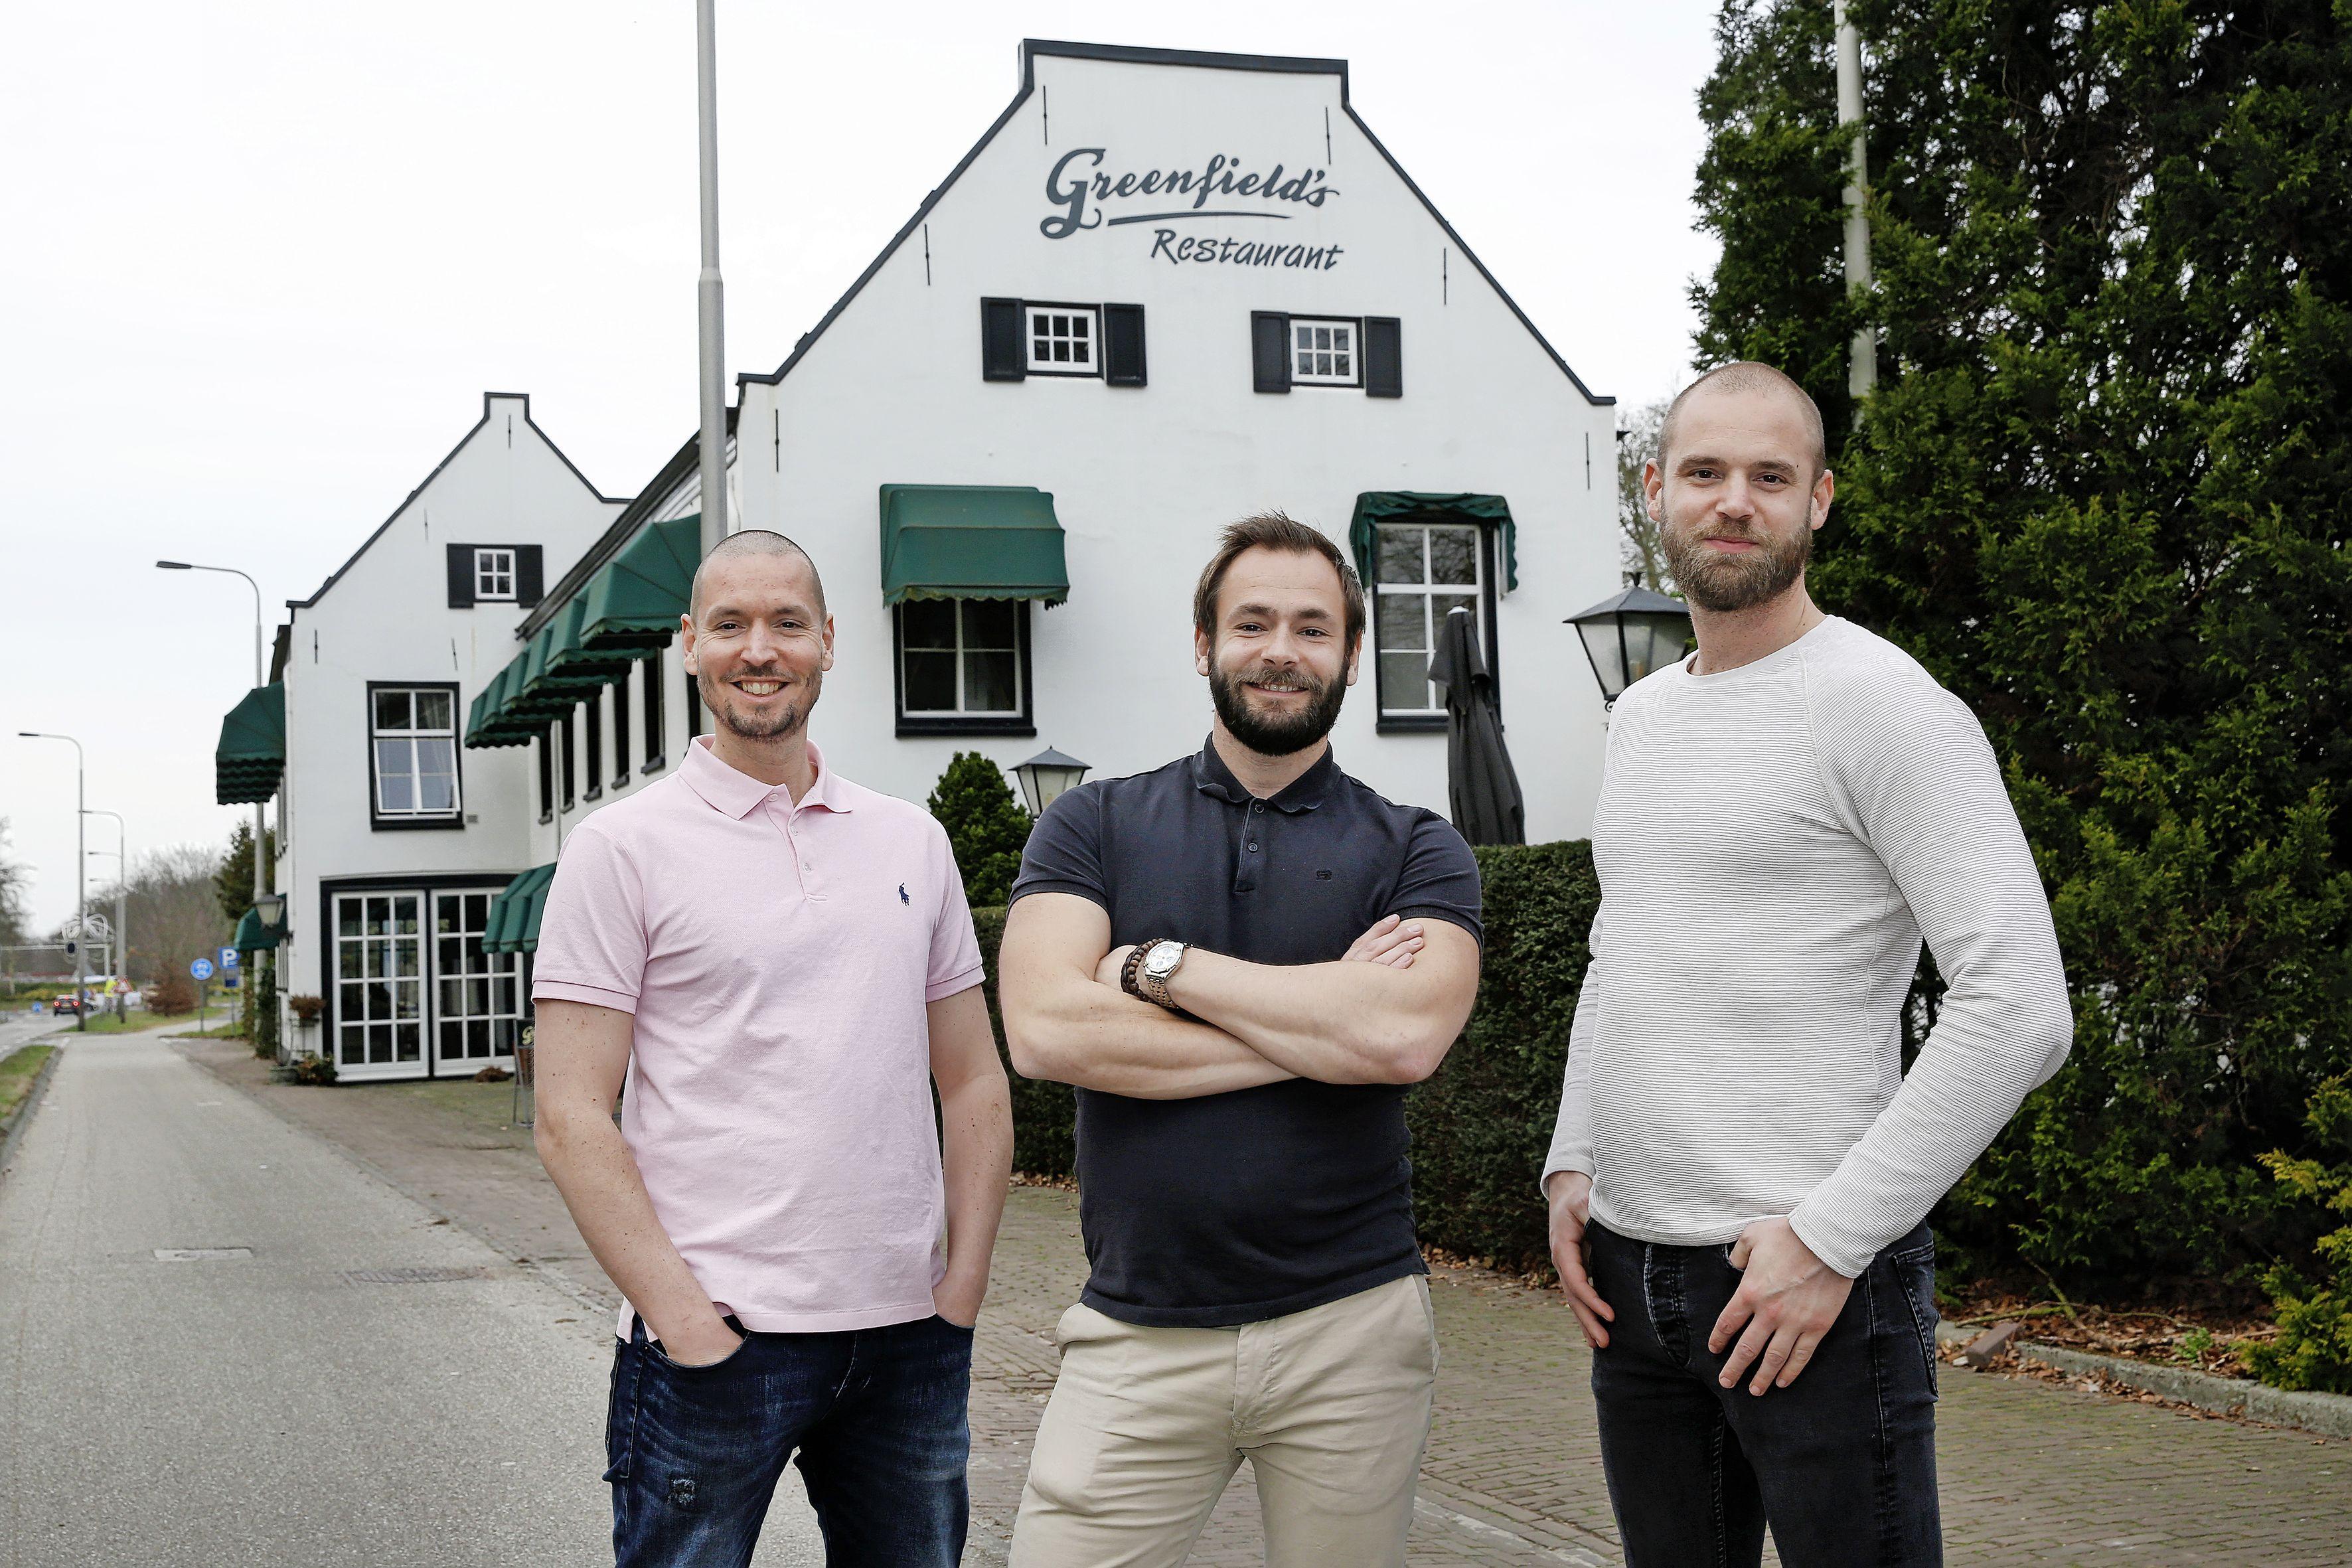 Baarnse horecabroers Demmers nemen Greenfield's over, opening op zijn vroegst in de zomer; 'Het krijgt bijna zeker een nieuwe naam, maar we weten nog niet wat'